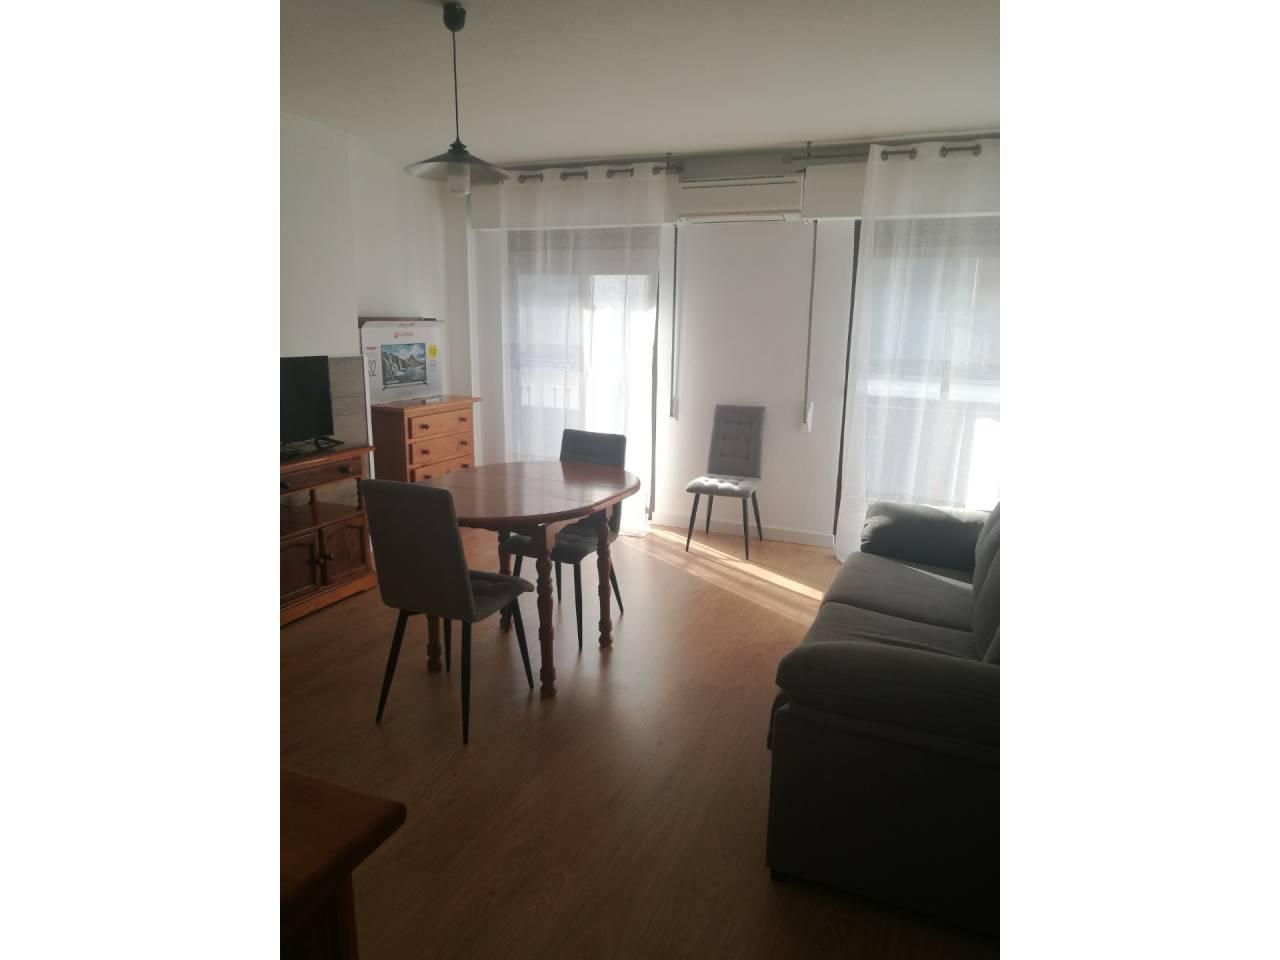 Location Appartement  Cájar. Superf. 100 m²,  3 habitaciones (1 doble,  2 individuales),  2 b